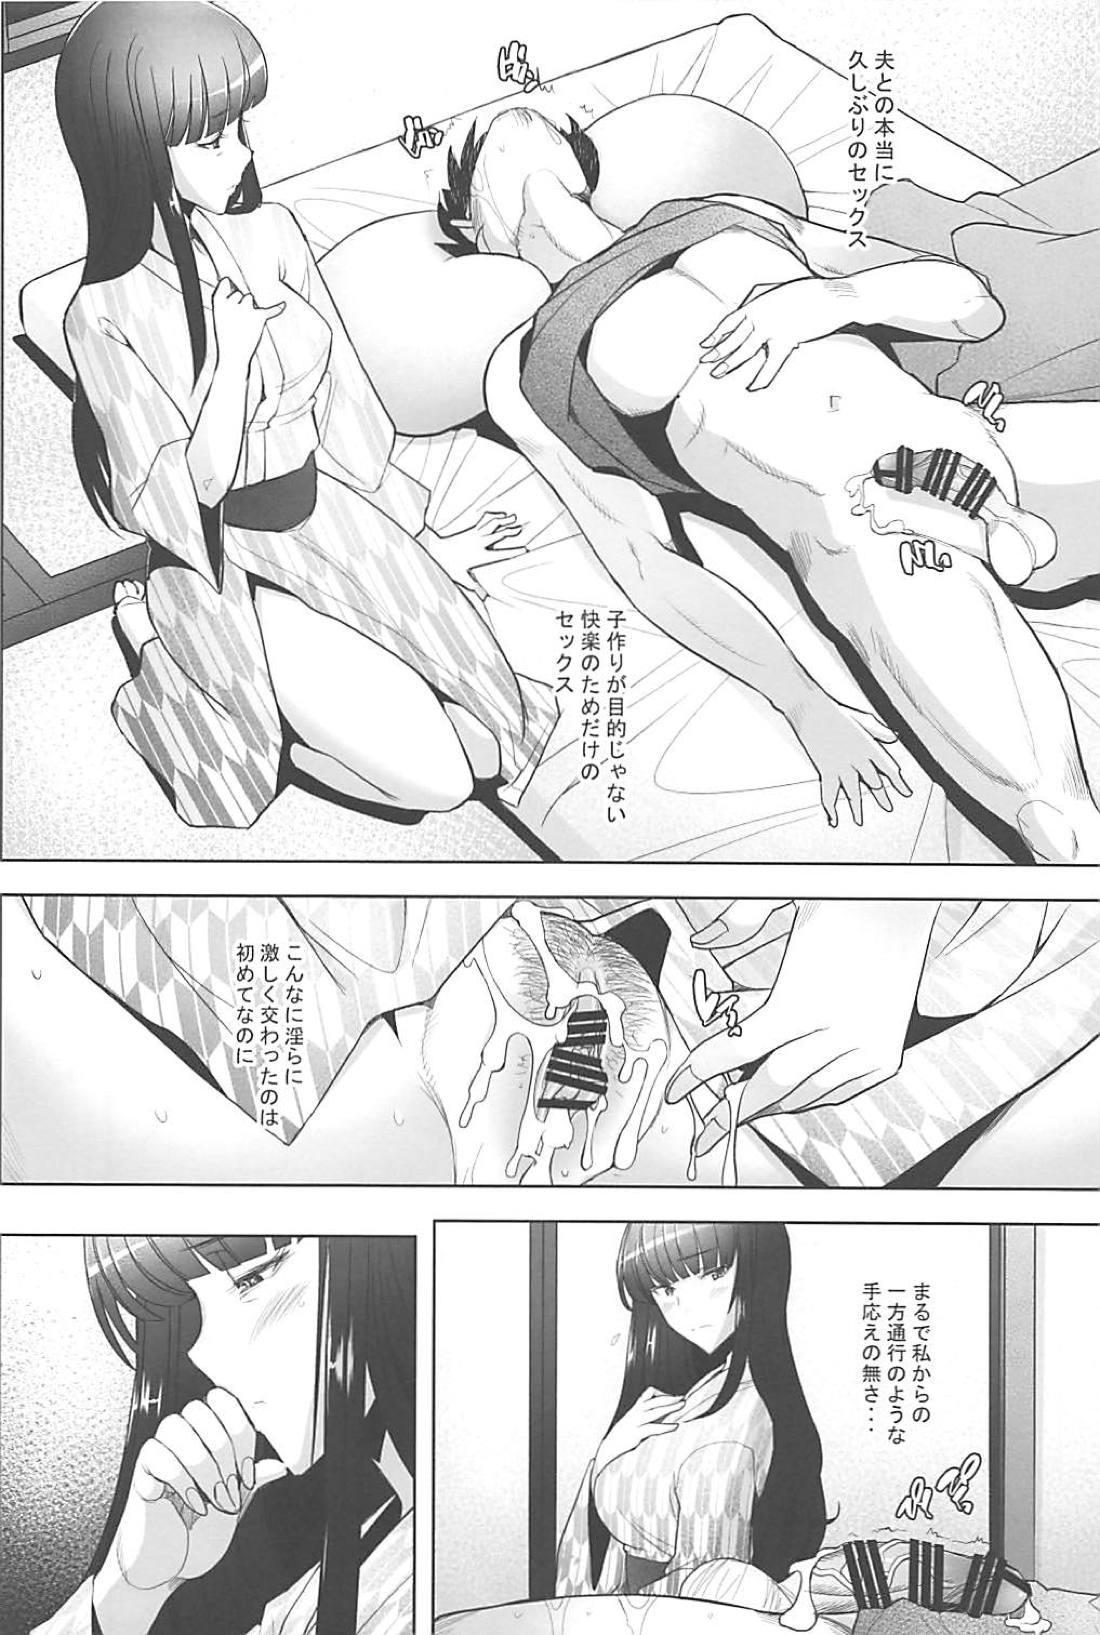 Furin Sex no Yoin ga Wasurerarenai Hitozuma Iemoto ga Karada no Uzuki o Osaeru Tame ni Otto to Hageshiku Yattemita 24